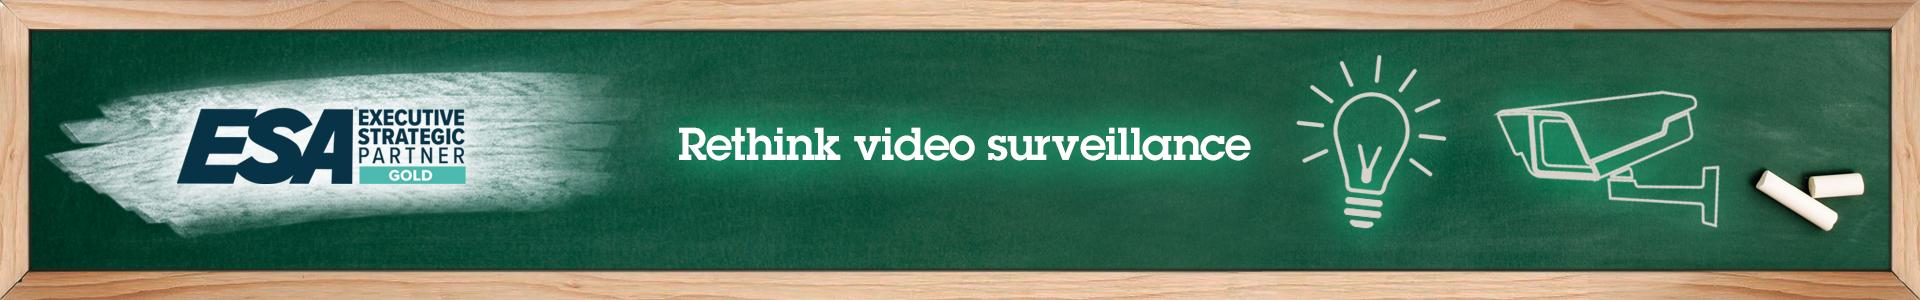 Rethink video surveillance